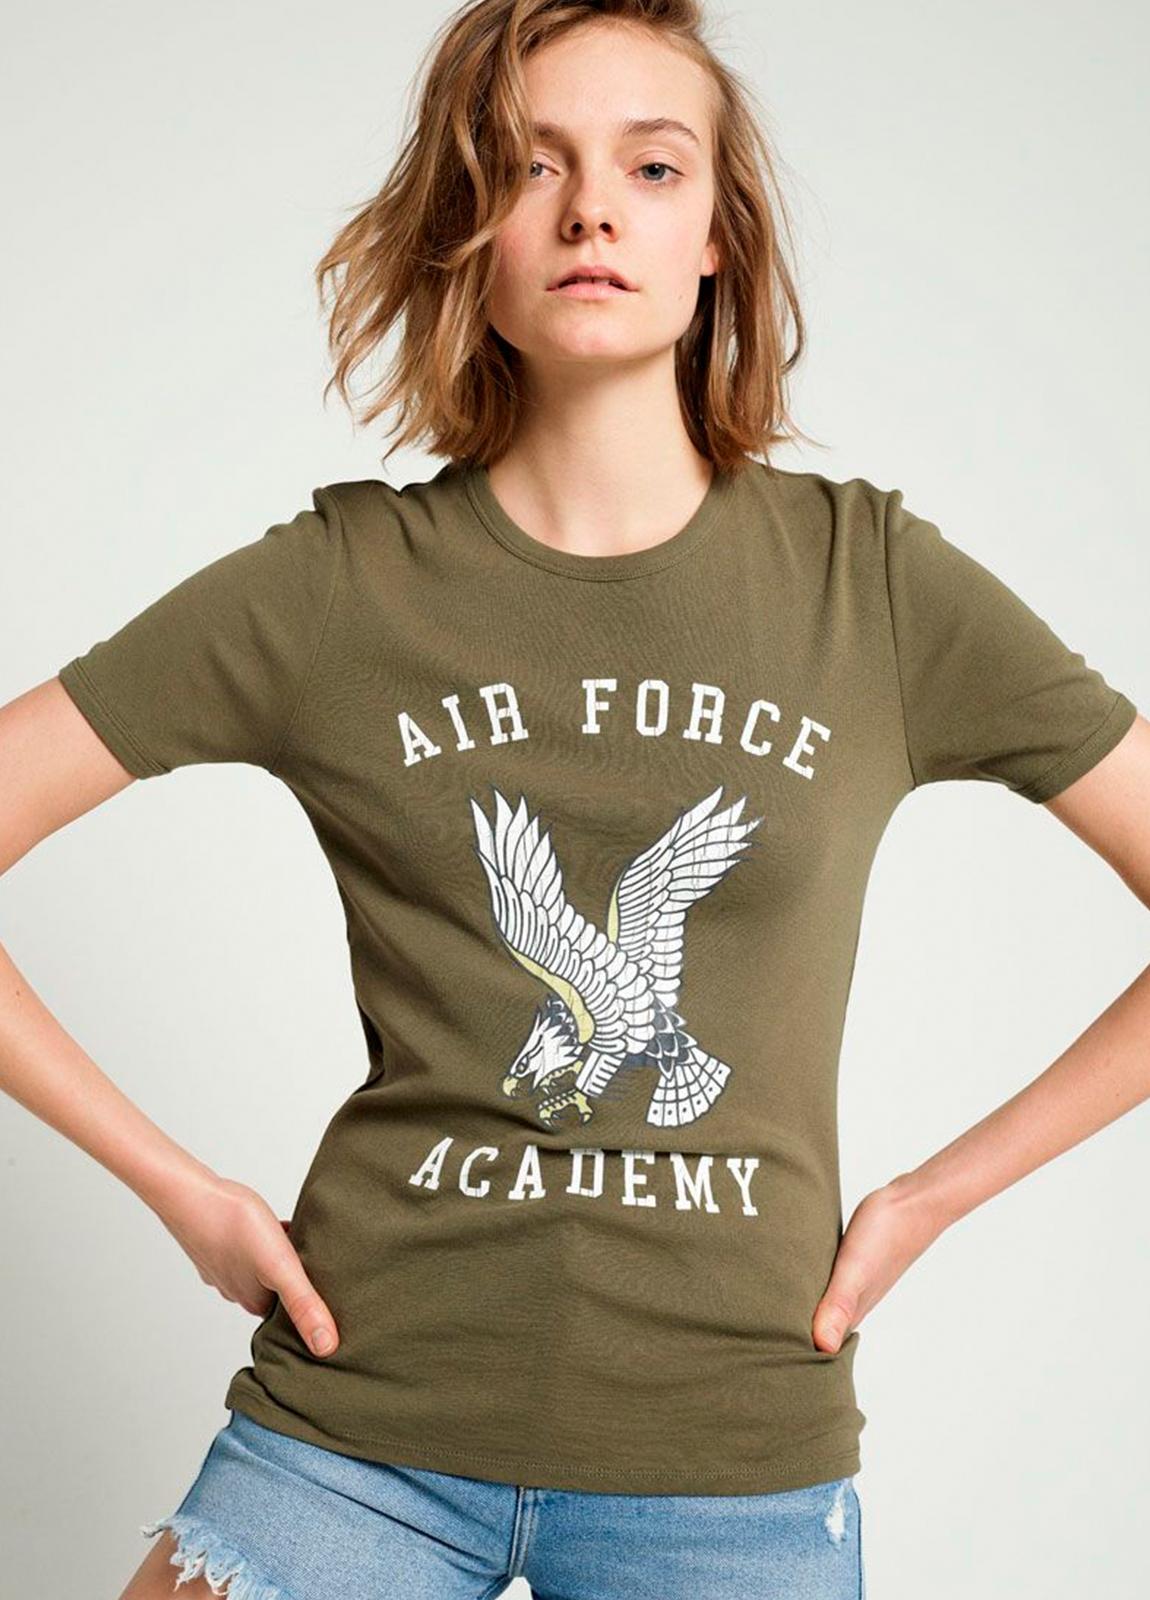 Camiseta manga corta color kaki con estampado gráfico. 100% Algodón.